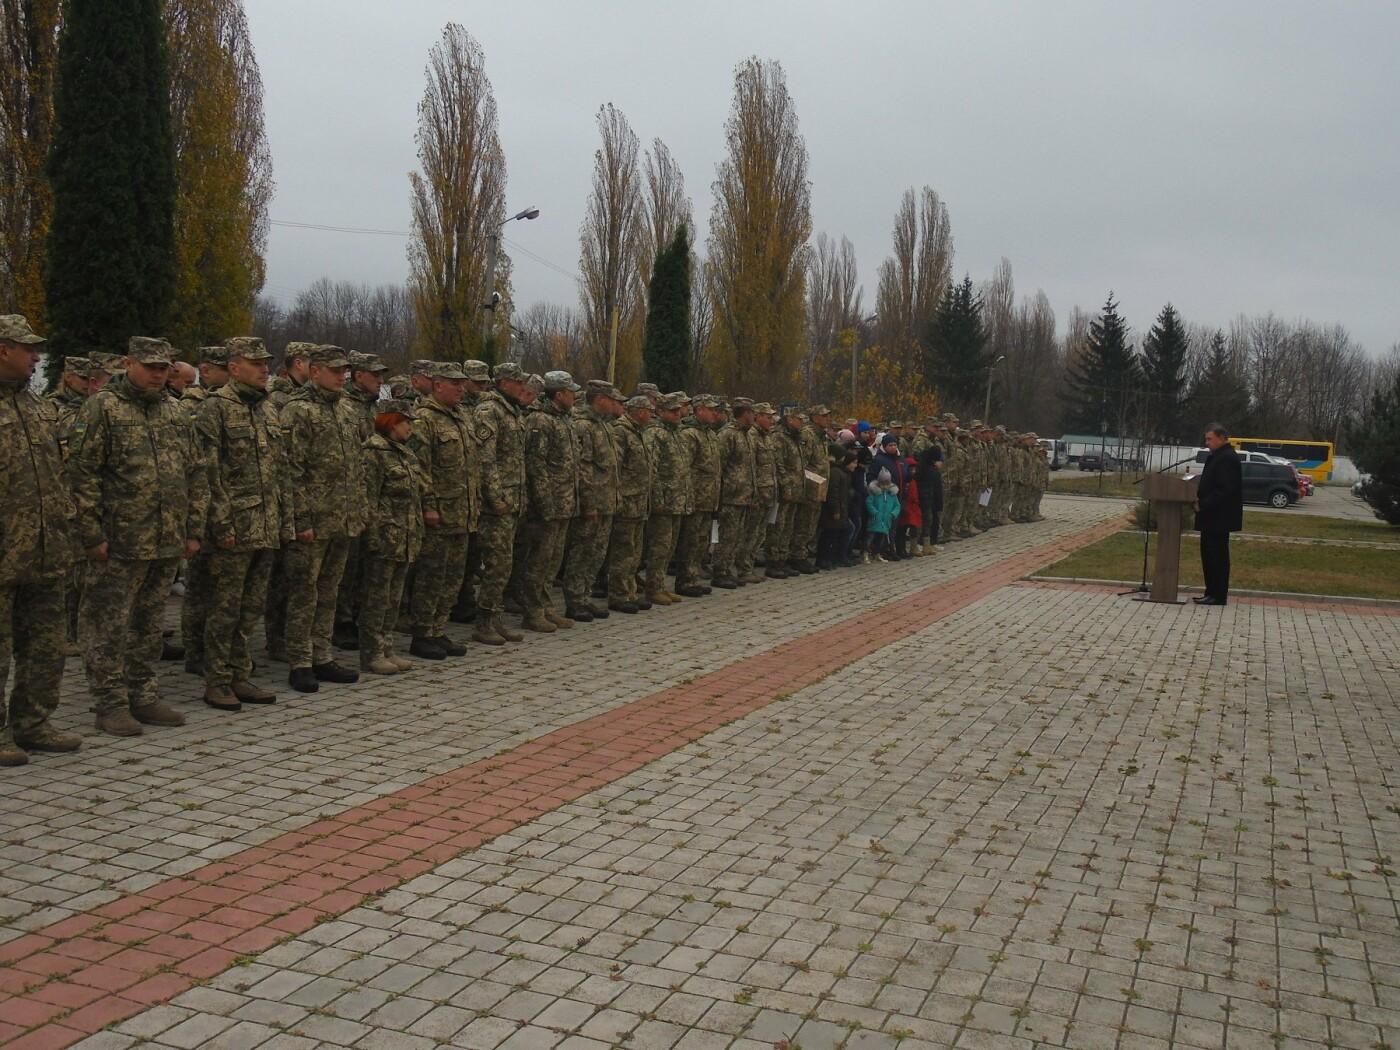 До строю військовослужбовців Центру розмінування, з нагоди Дня інженерних військ, стали їхні діти, фото-12